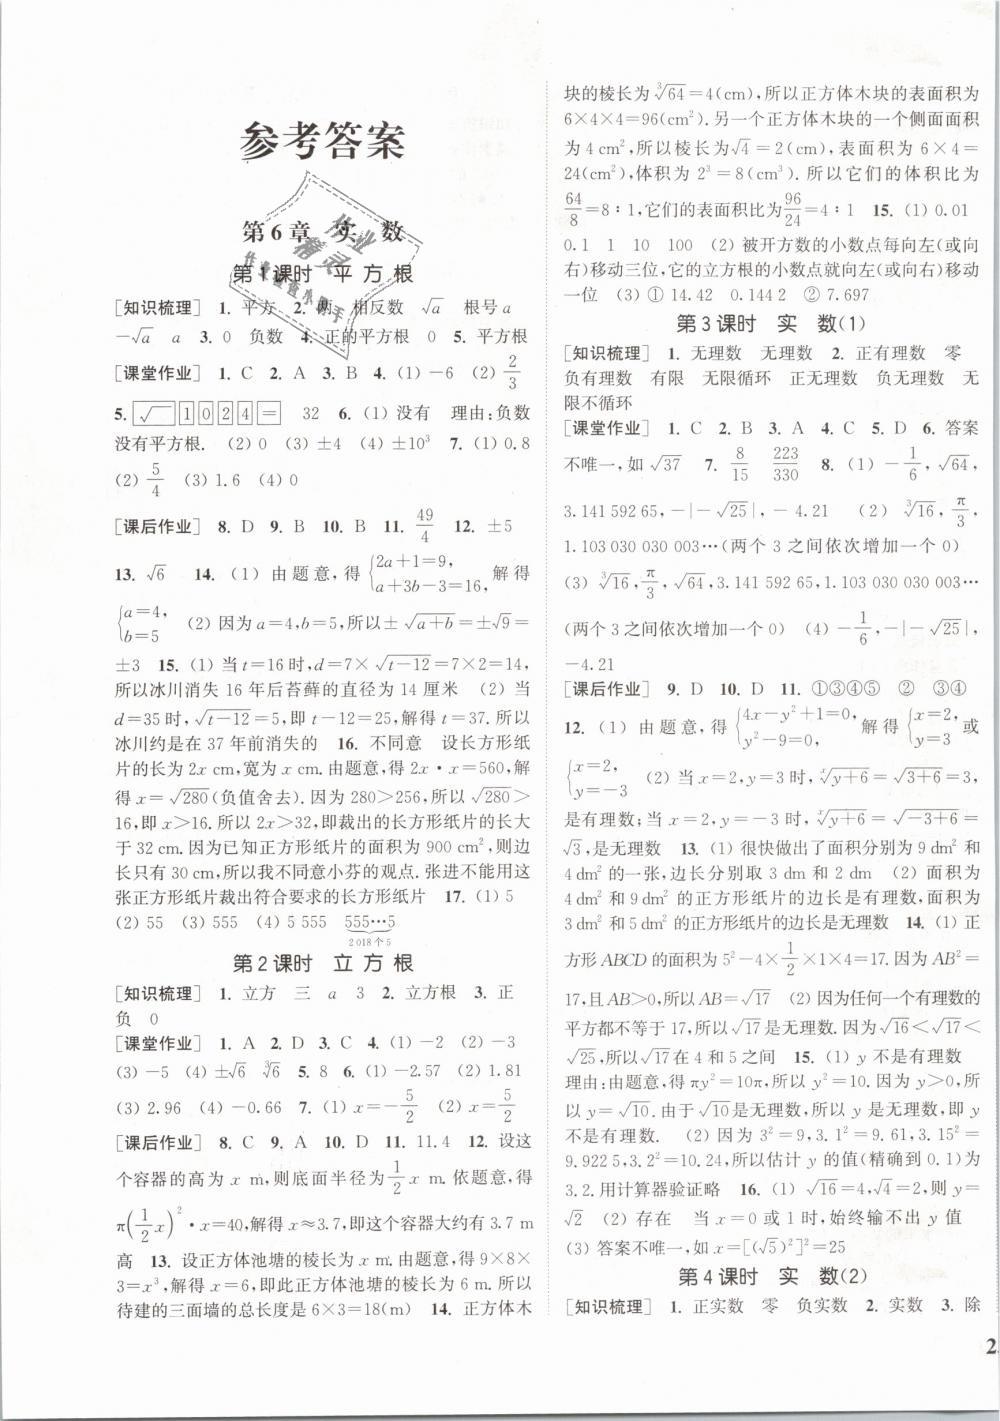 2019年通城学典课时作业本七年级数学下册沪科版第1页